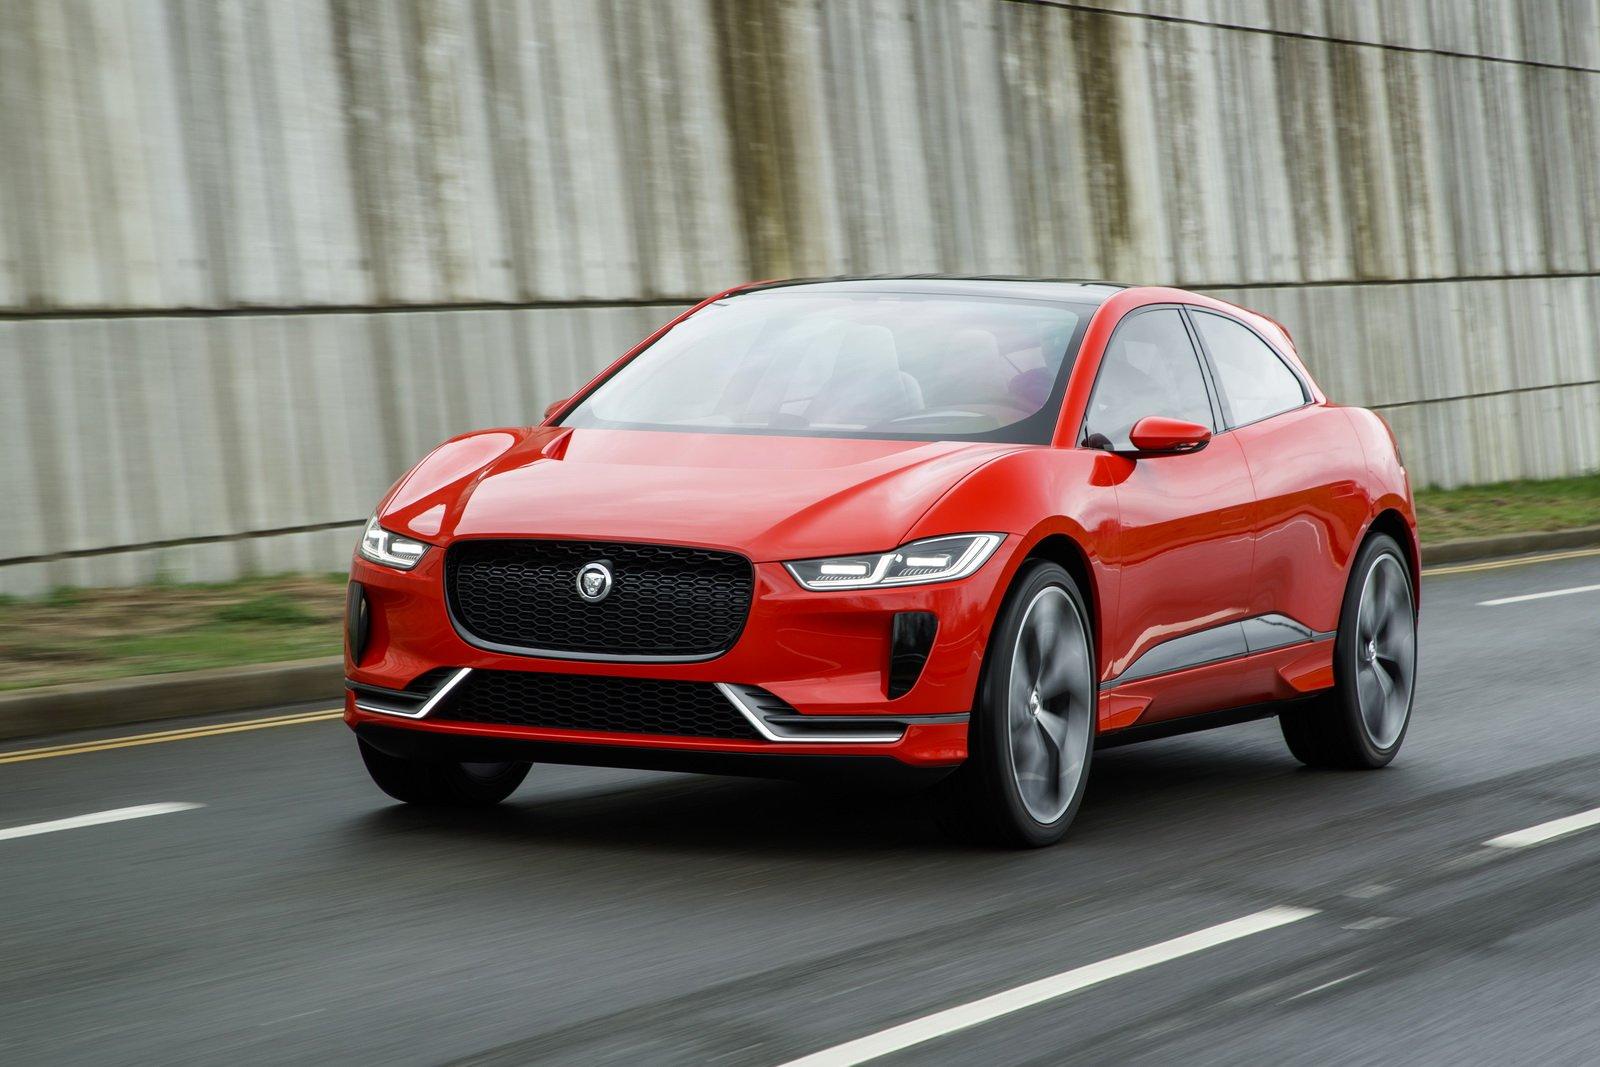 Jaguar I-Pace production